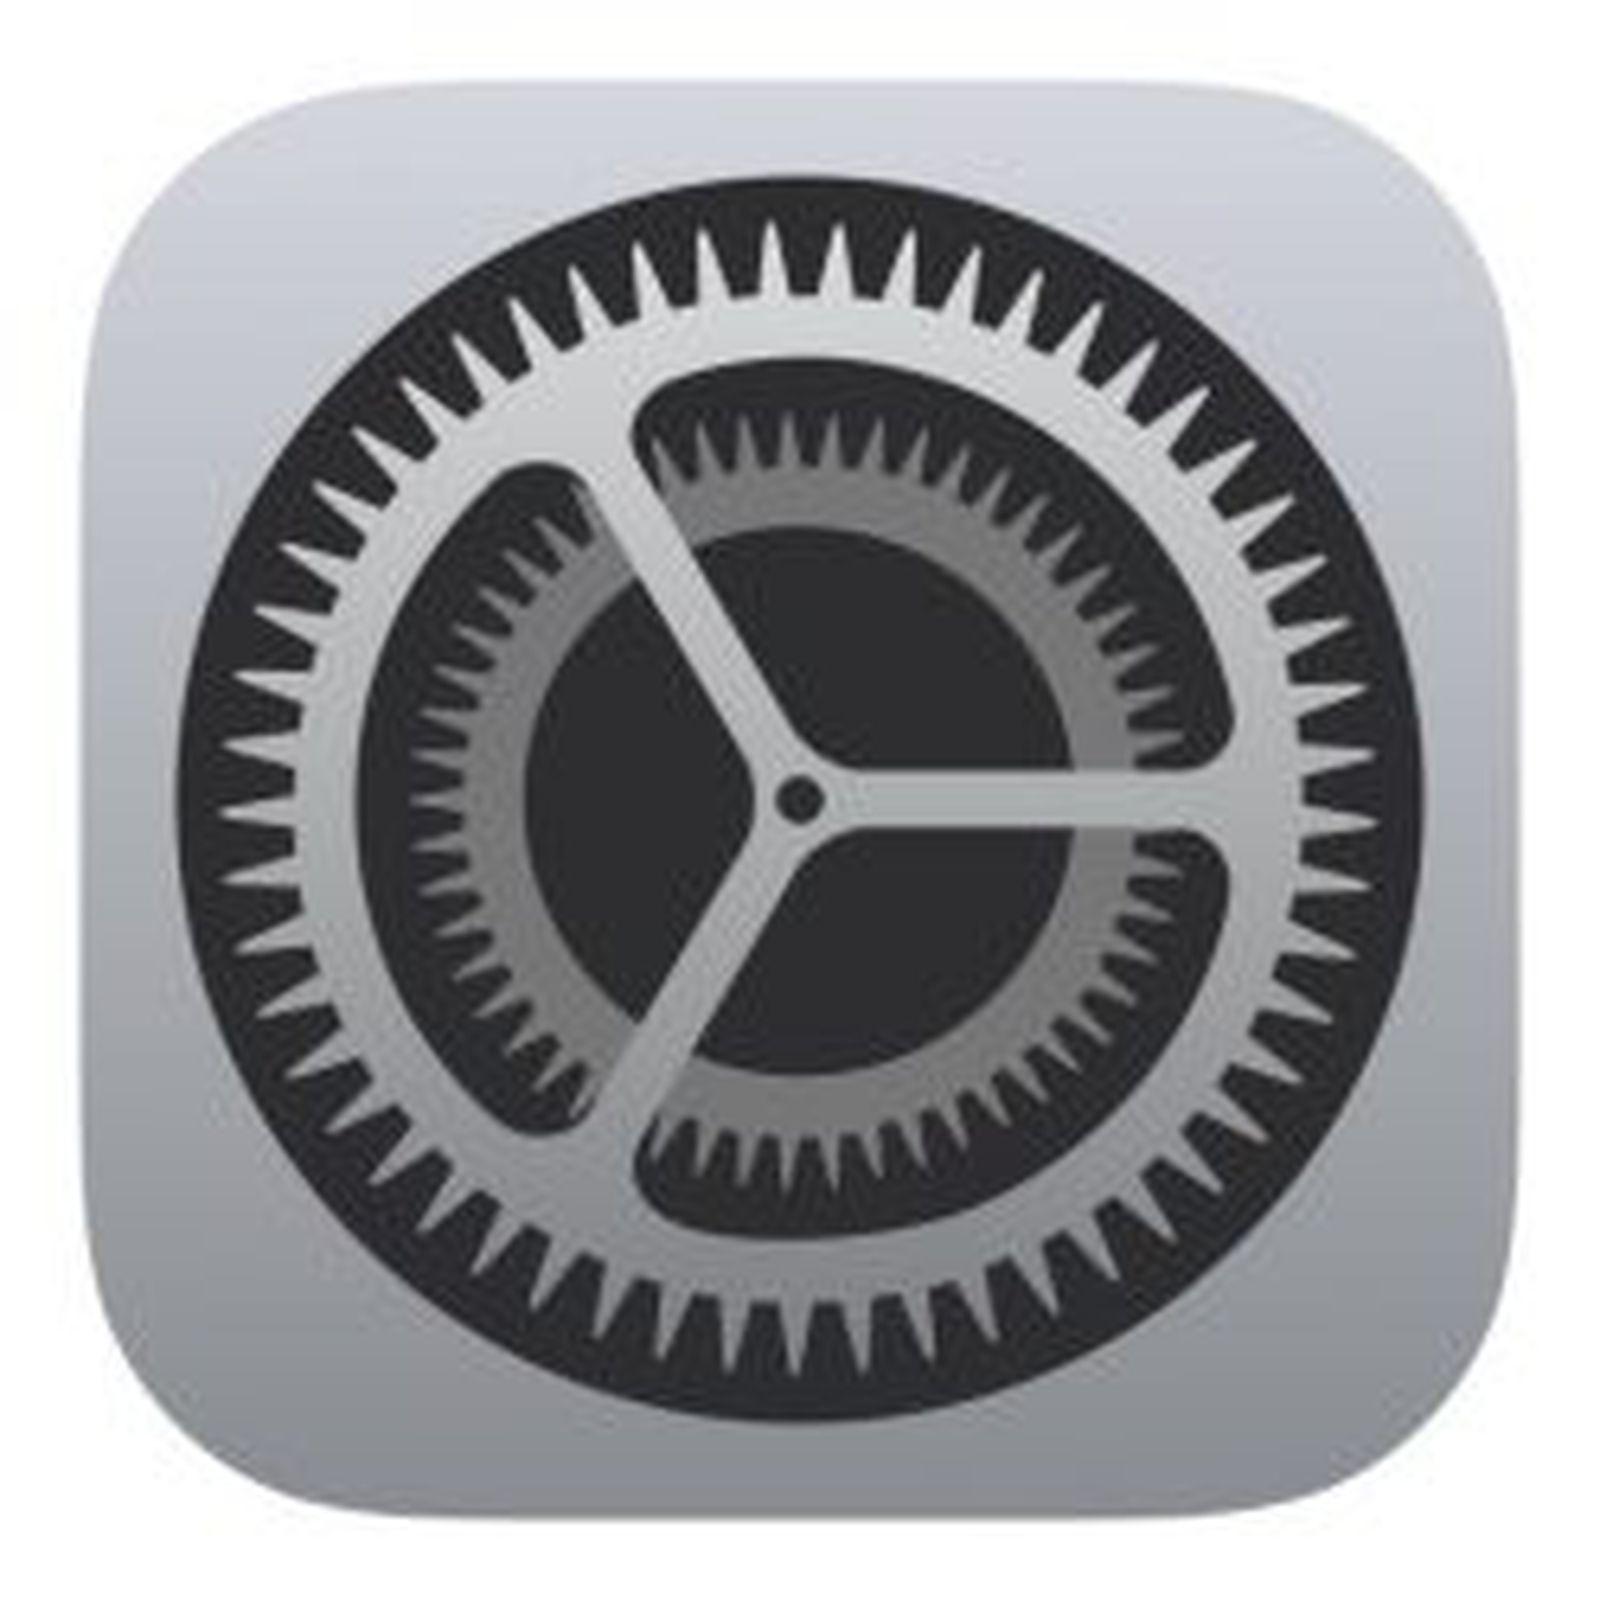 Bildresultat för ios settings icon